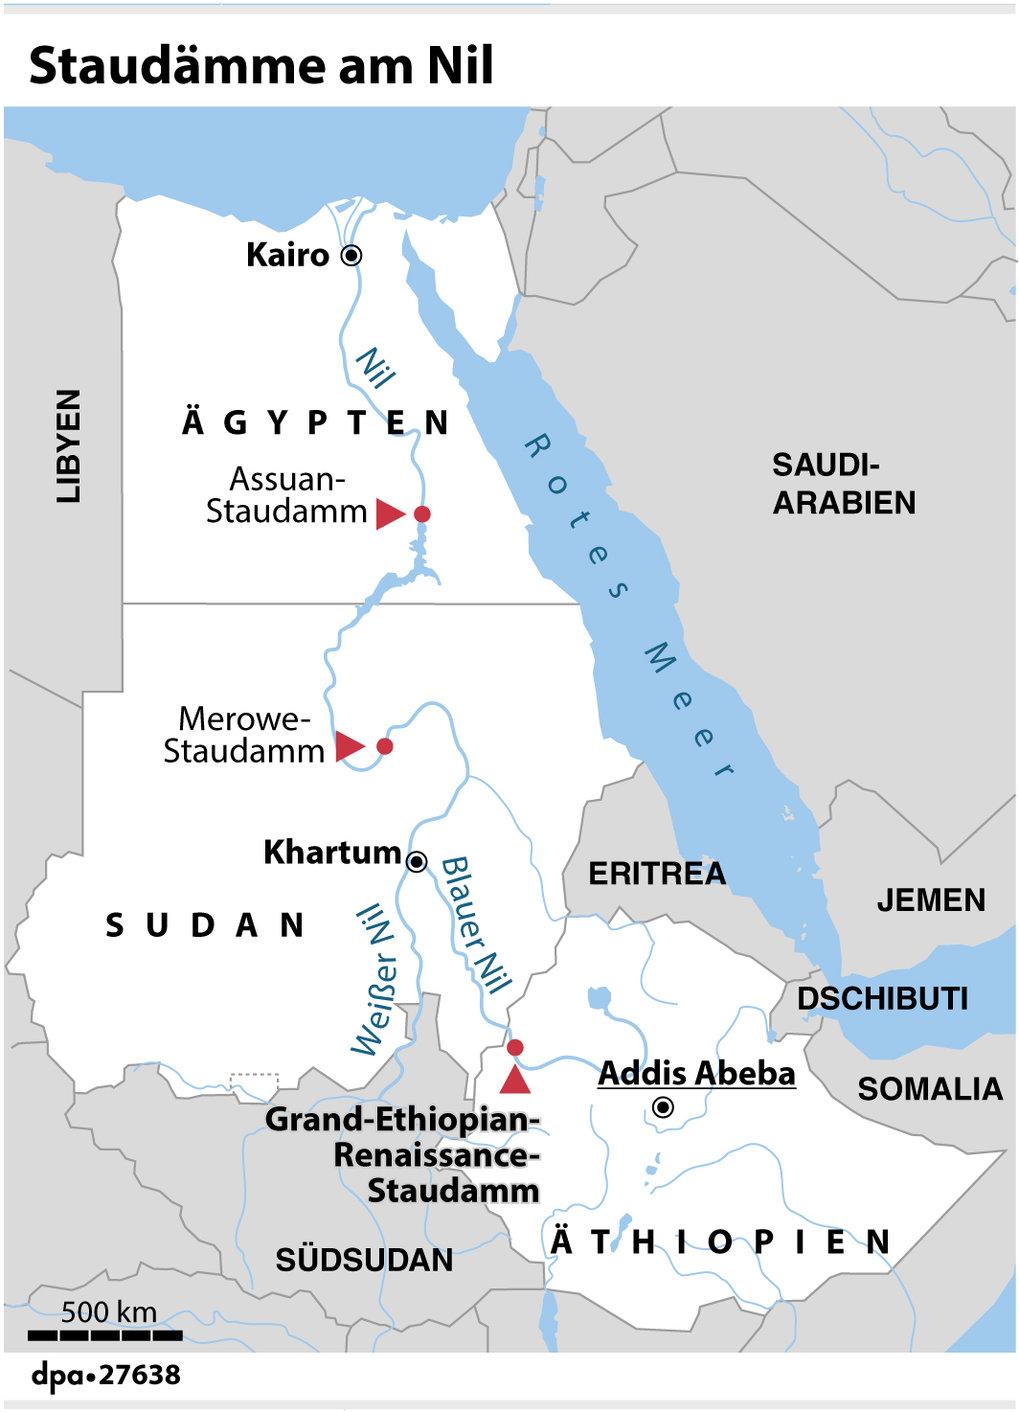 Der Neubau des Grand-Ethiopian-Renaissance-Staudamms könnte große Auswirkungen auf dieWassermenge des Blauen Nils und des Nils haben. Die drei Anrein